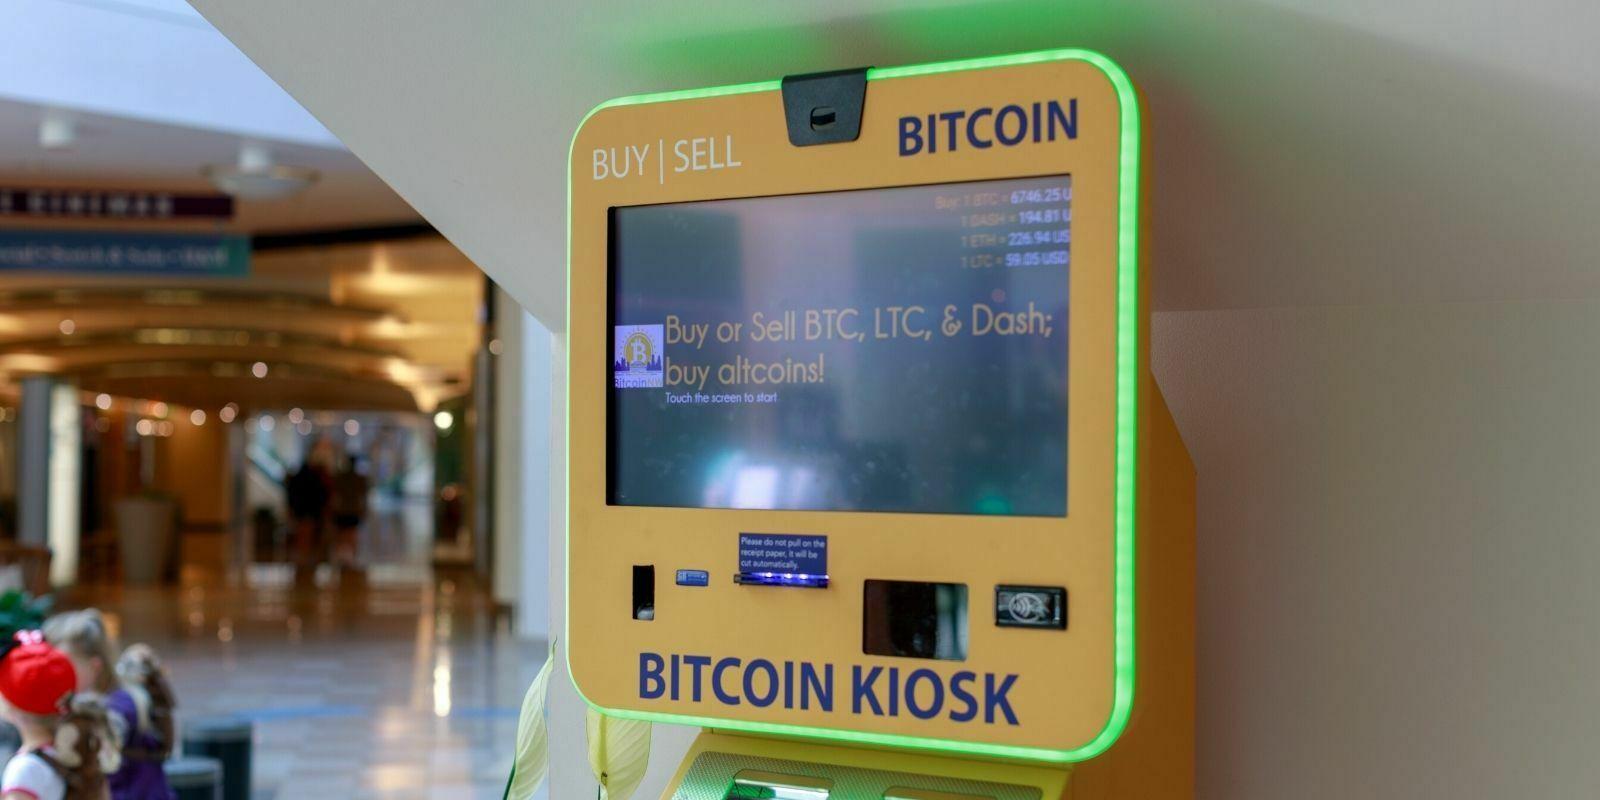 Un nouvel ATM Bitcoin (BTC) sort de terre toutes les heures